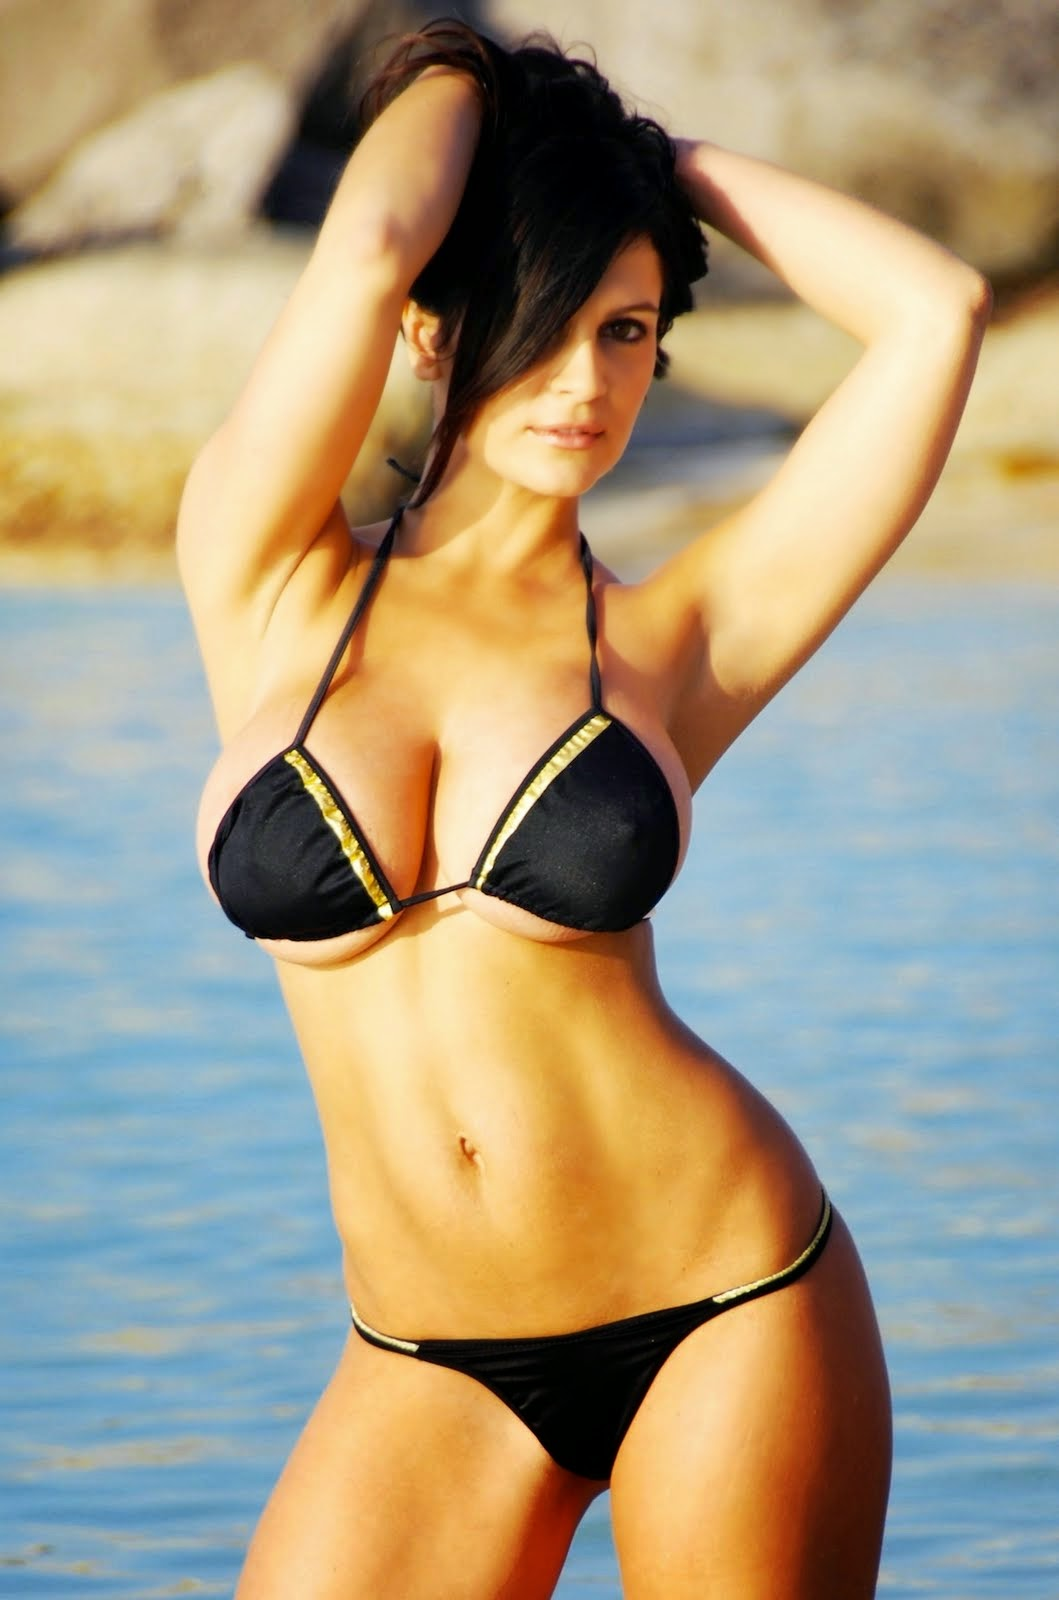 Denise Milani In Black Bikini 15